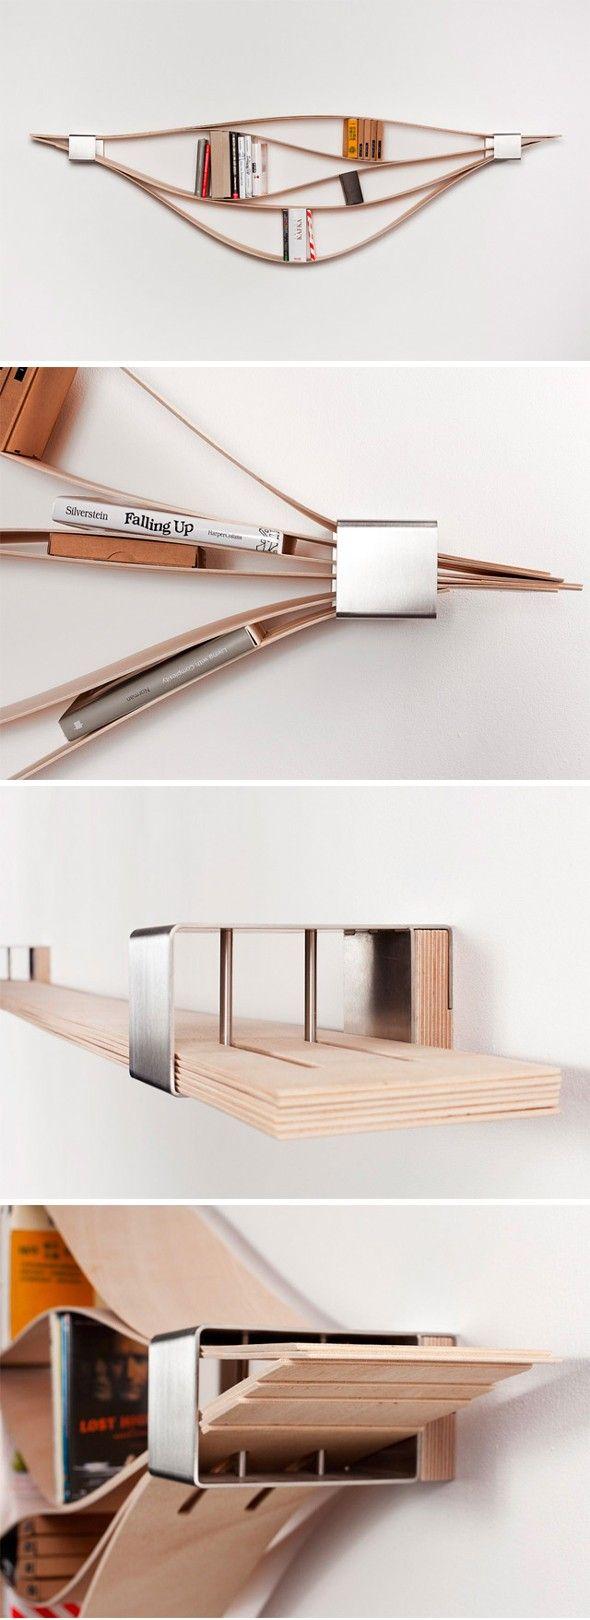 17 meilleures id es propos de construction modulaire sur pinterest modula - Construire une etagere ...